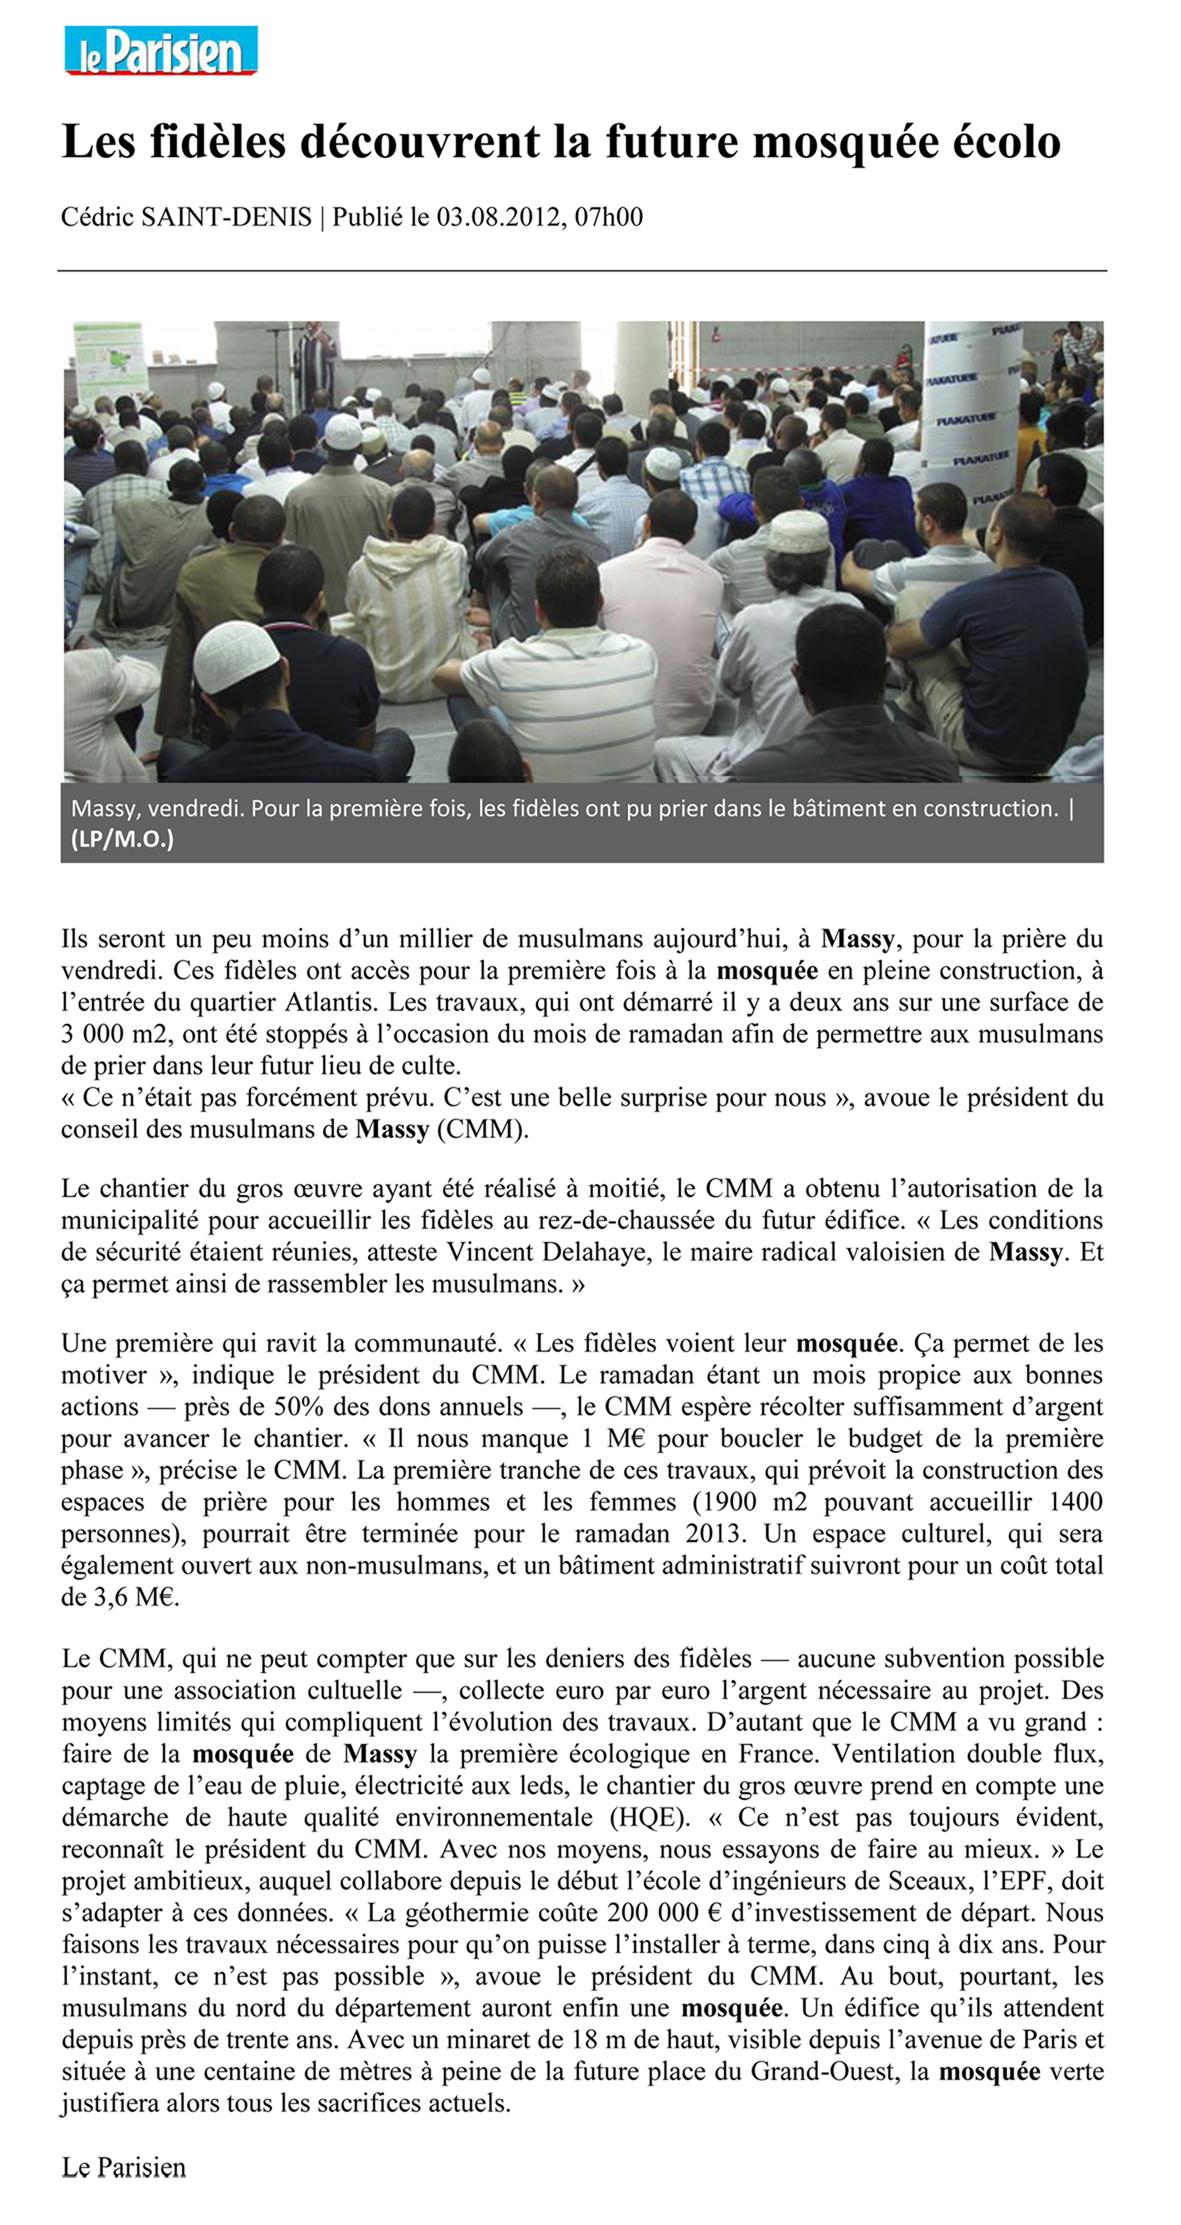 Les fidèles découvrent la future mosquée écolo - Le Parisien 03/08/2012